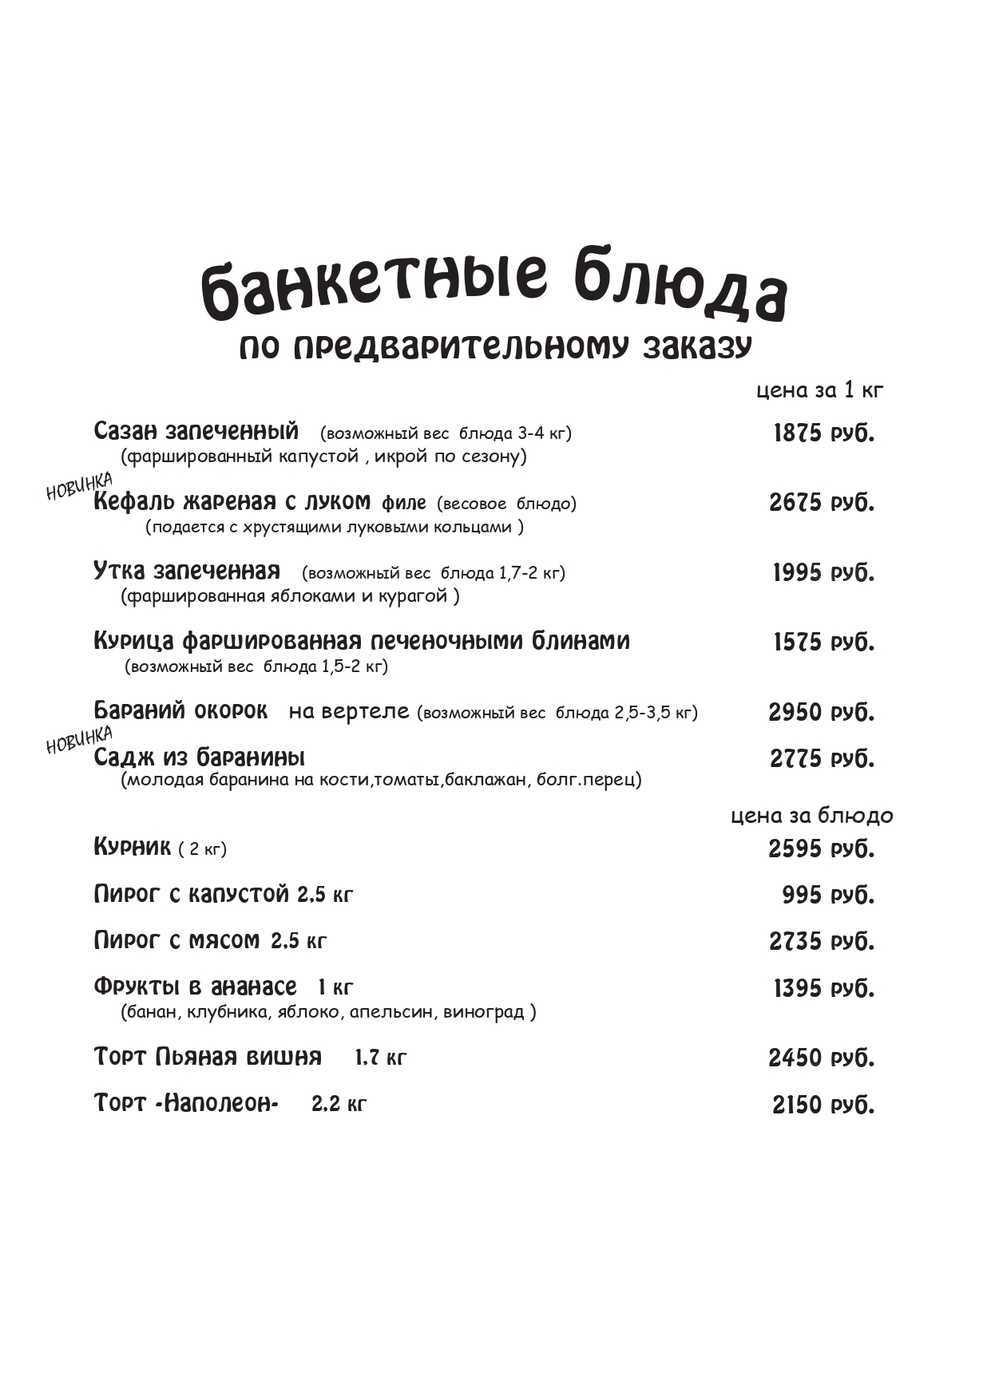 Банкетное меню ресторана Тамада на пр. Сельмаш  фото 1